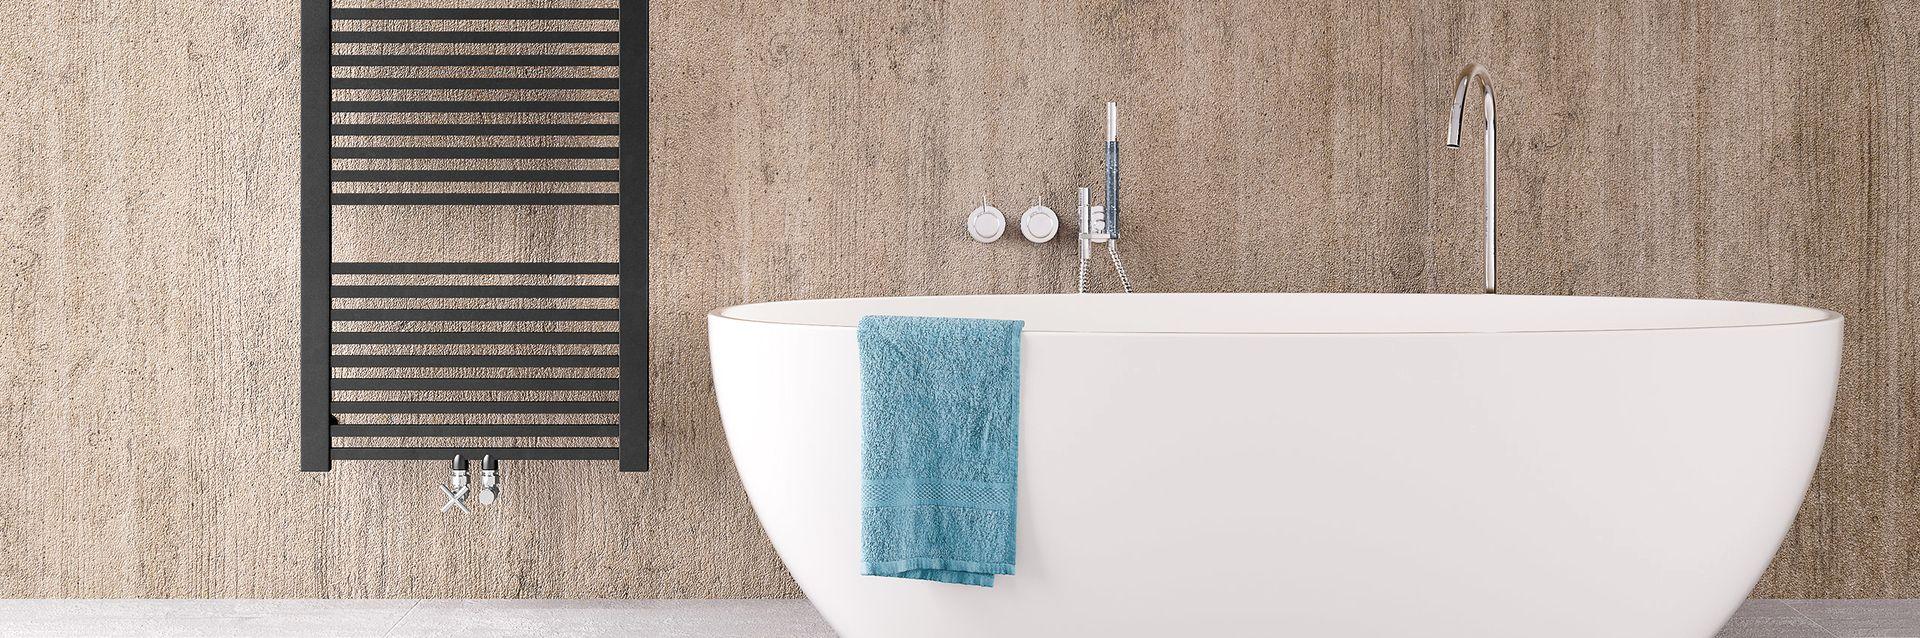 Verwarming in de badkamer - dit zijn de mogelijkheden - Verwarming ...